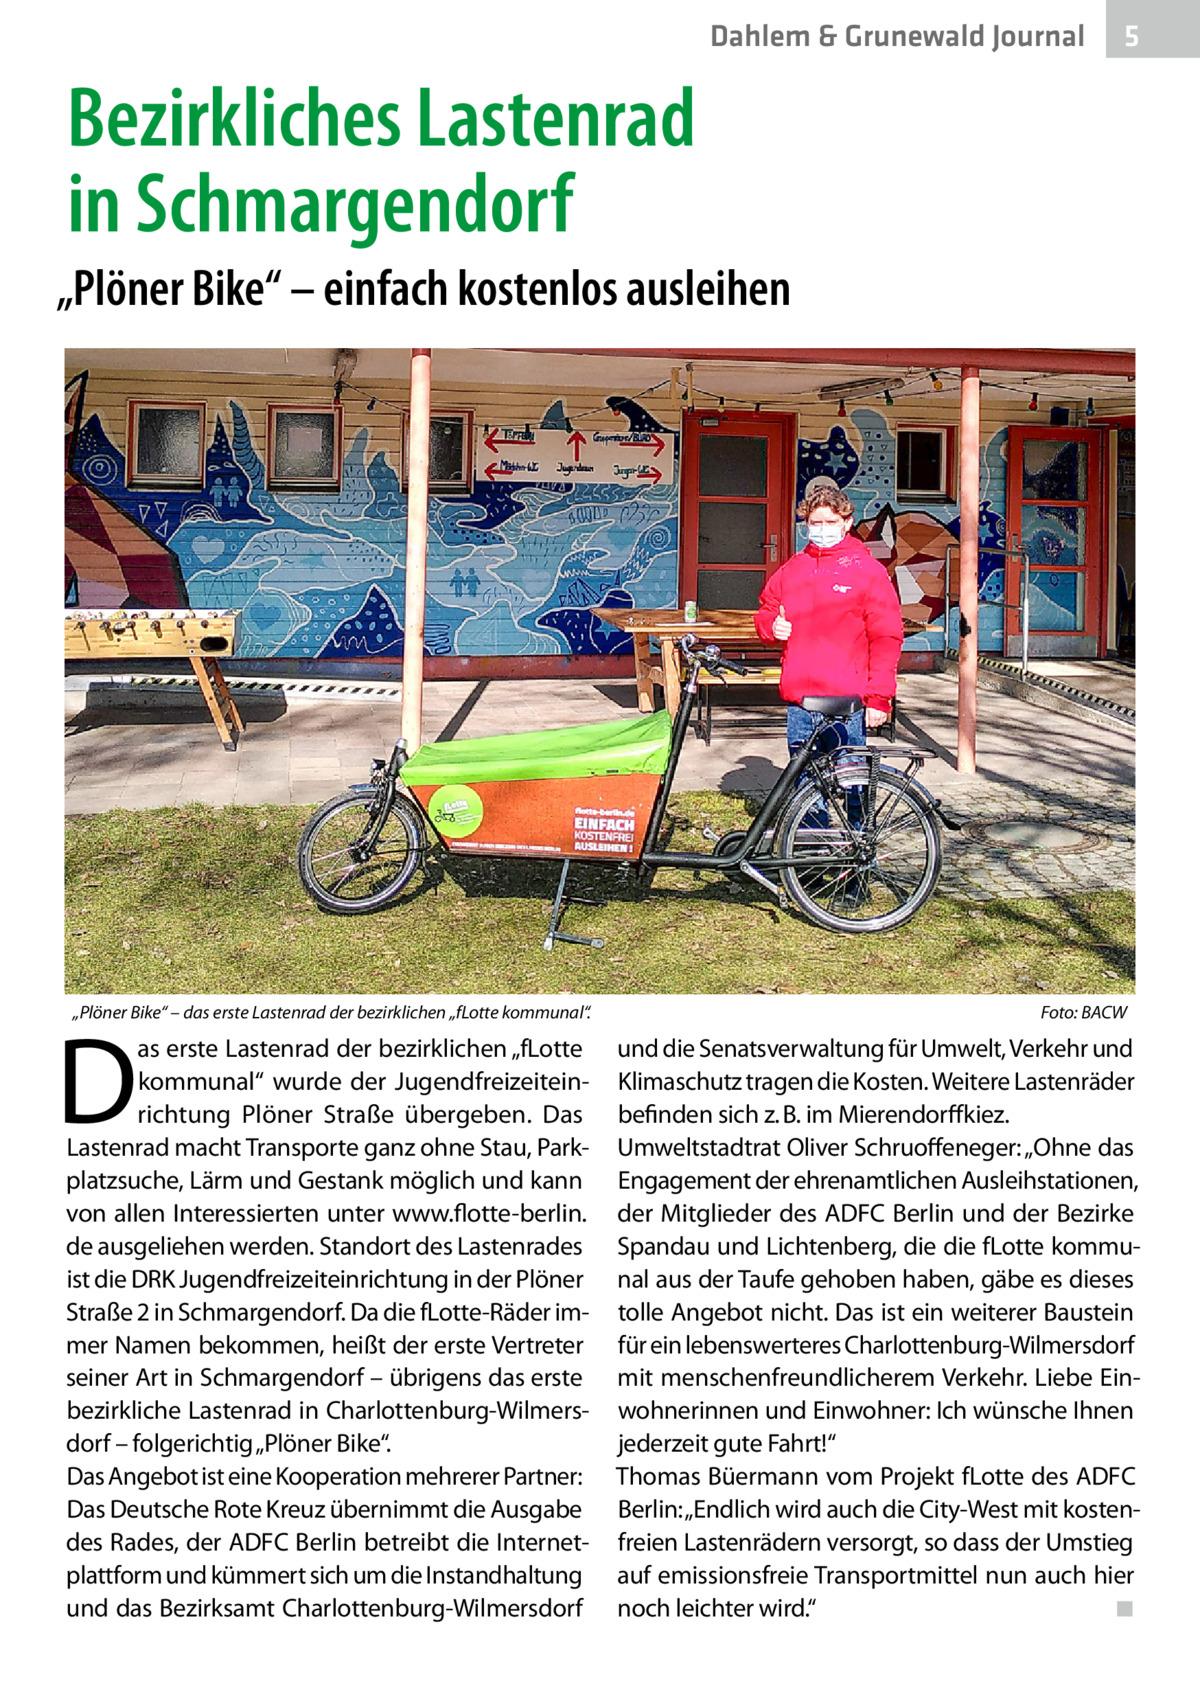 """Dahlem & Grunewald Journal  5  Bezirkliches Lastenrad in Schmargendorf """"Plöner Bike"""" – einfach kostenlos ausleihen  """"Plöner Bike"""" – das erste Lastenrad der bezirklichen """"fLotte kommunal"""".�  D  as erste Lastenrad der bezirklichen """"fLotte kommunal"""" wurde der Jugendfreizeiteinrichtung Plöner Straße übergeben. Das Lastenrad macht Transporte ganz ohne Stau, Parkplatzsuche, Lärm und Gestank möglich und kann von allen Interessierten unter www.flotte-berlin. de ausgeliehen werden. Standort des Lastenrades ist die DRK Jugendfreizeiteinrichtung in der Plöner Straße2 in Schmargendorf. Da die fLotte-Räder immer Namen bekommen, heißt der erste Vertreter seiner Art in Schmargendorf – übrigens das erste bezirkliche Lastenrad in Charlottenburg-Wilmersdorf – folgerichtig """"Plöner Bike"""". Das Angebot ist eine Kooperation mehrerer Partner: Das Deutsche Rote Kreuz übernimmt die Ausgabe des Rades, der ADFC Berlin betreibt die Internetplattform und kümmert sich um die Instandhaltung und das Bezirksamt Charlottenburg-Wilmersdorf  Foto: BACW  und die Senatsverwaltung für Umwelt, Verkehr und Klimaschutz tragen die Kosten. Weitere Lastenräder befinden sich z.B. im Mierendorffkiez. Umweltstadtrat Oliver Schruoffeneger: """"Ohne das Engagement der ehrenamtlichen Ausleihstationen, der Mitglieder des ADFC Berlin und der Bezirke Spandau und Lichtenberg, die die fLotte kommunal aus der Taufe gehoben haben, gäbe es dieses tolle Angebot nicht. Das ist ein weiterer Baustein für ein lebenswerteres Charlottenburg-Wilmersdorf mit menschenfreundlicherem Verkehr. Liebe Einwohnerinnen und Einwohner: Ich wünsche Ihnen jederzeit gute Fahrt!"""" Thomas Büermann vom Projekt fLotte des ADFC Berlin: """"Endlich wird auch die City-West mit kostenfreien Lastenrädern versorgt, so dass der Umstieg auf emissionsfreie Transportmittel nun auch hier noch leichter wird."""" � ◾"""